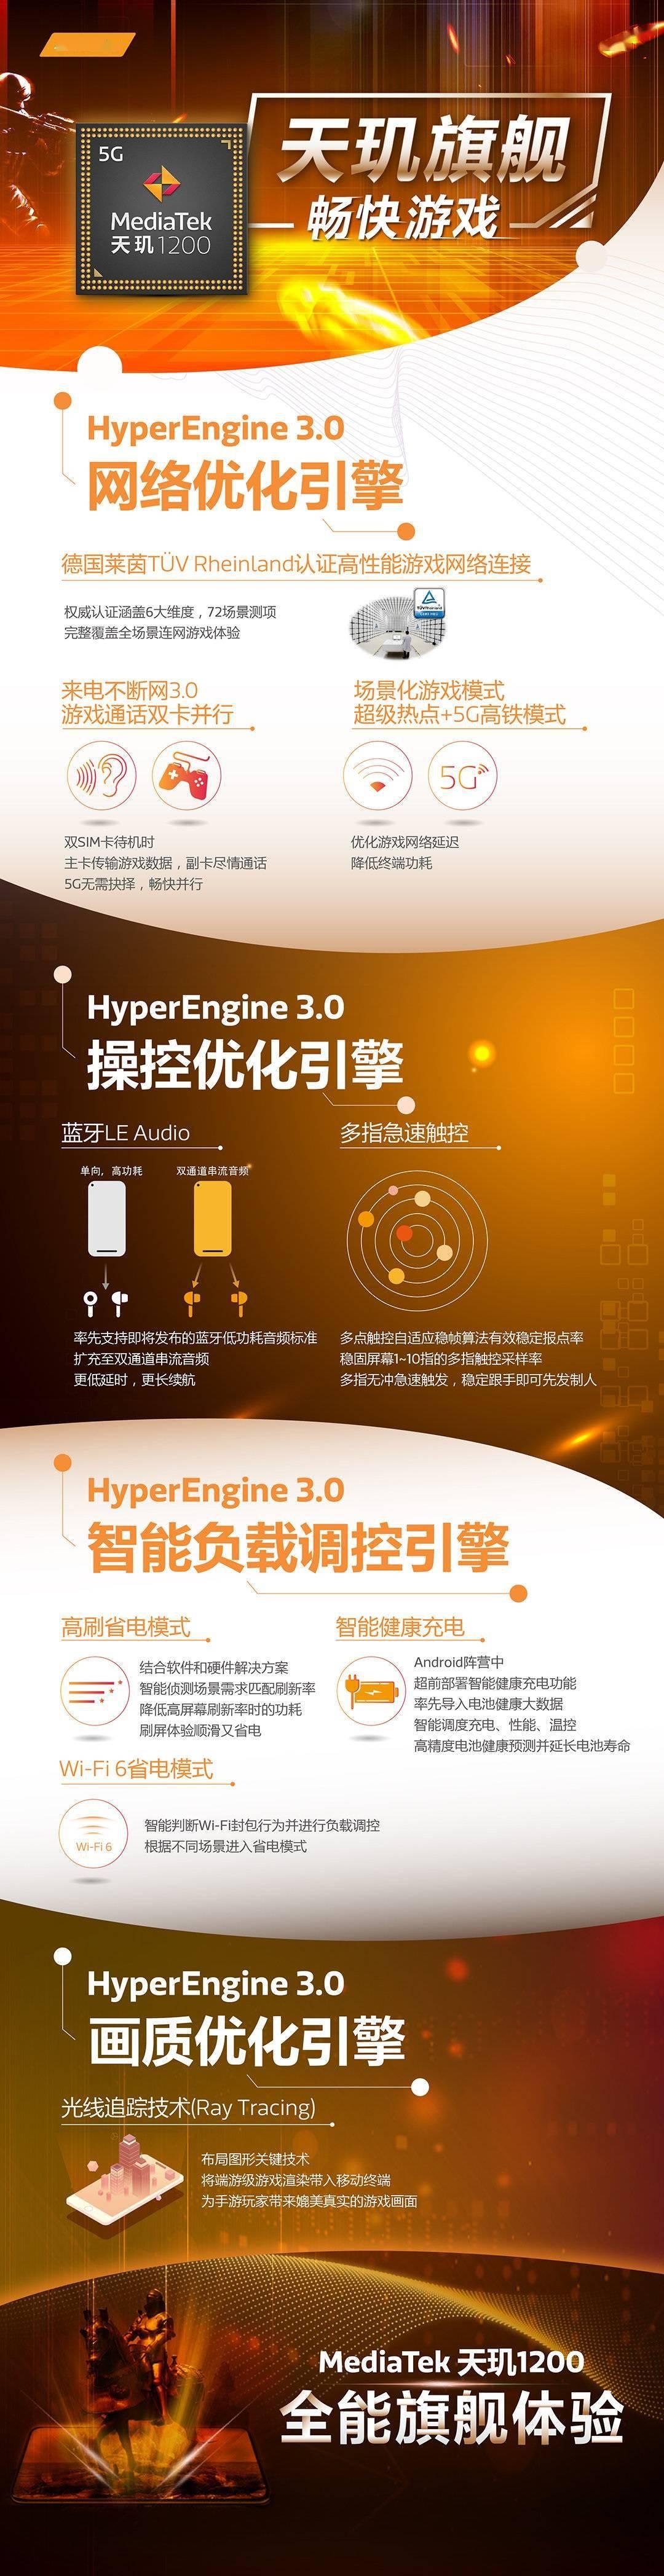 一图看懂联发科天玑 1200/1100 HyperEngine 3.0 游戏优化引擎